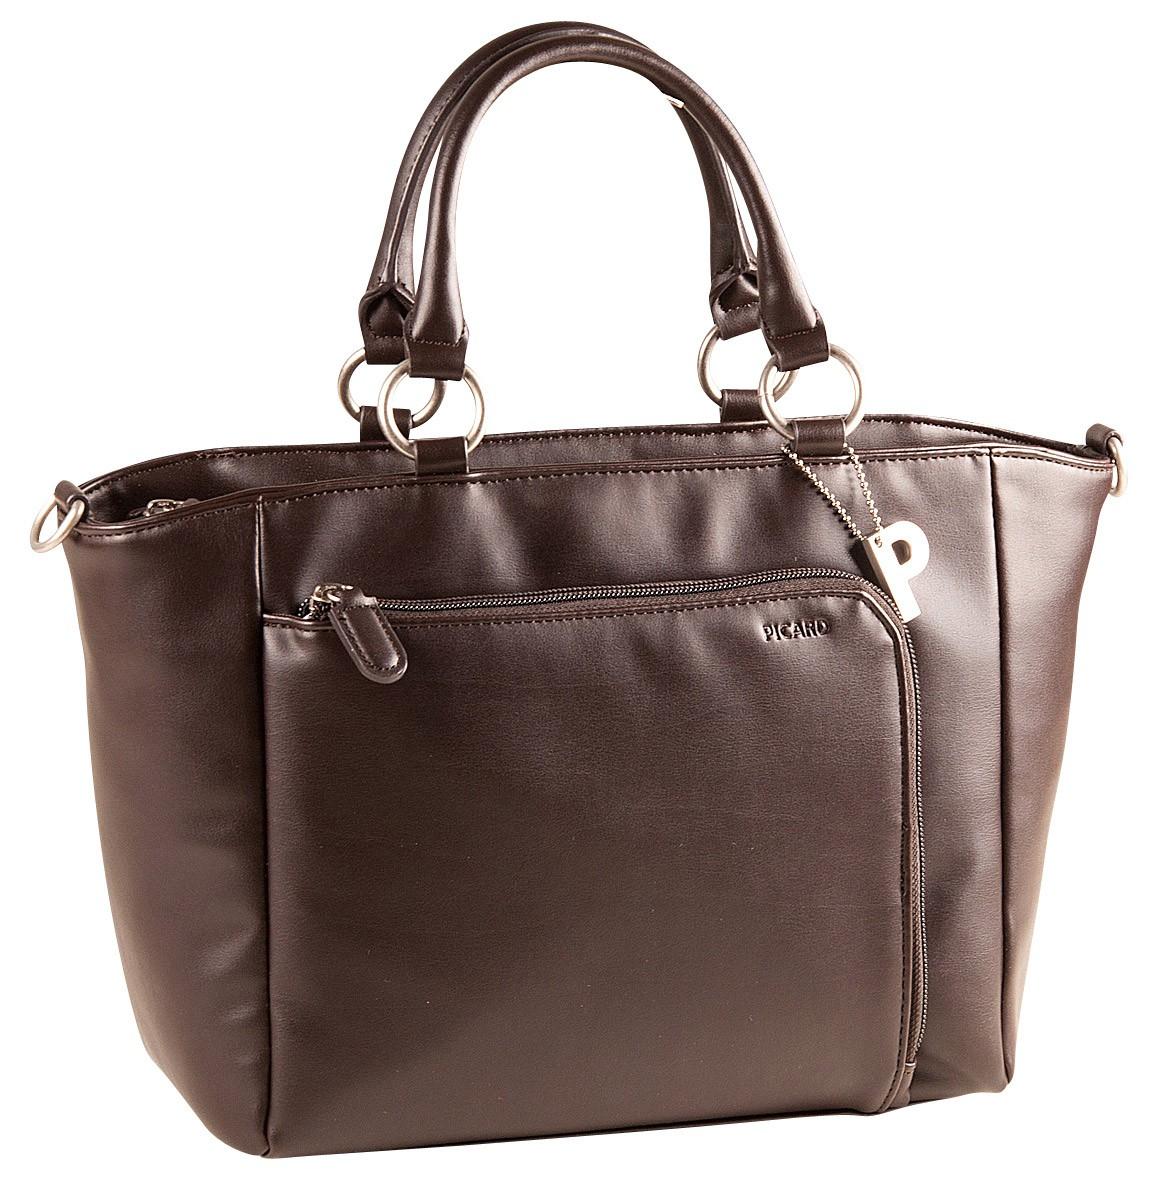 078bcbe12c9f5 Picard Full 3131 Henkeltasche   Tasche günstig kaufen